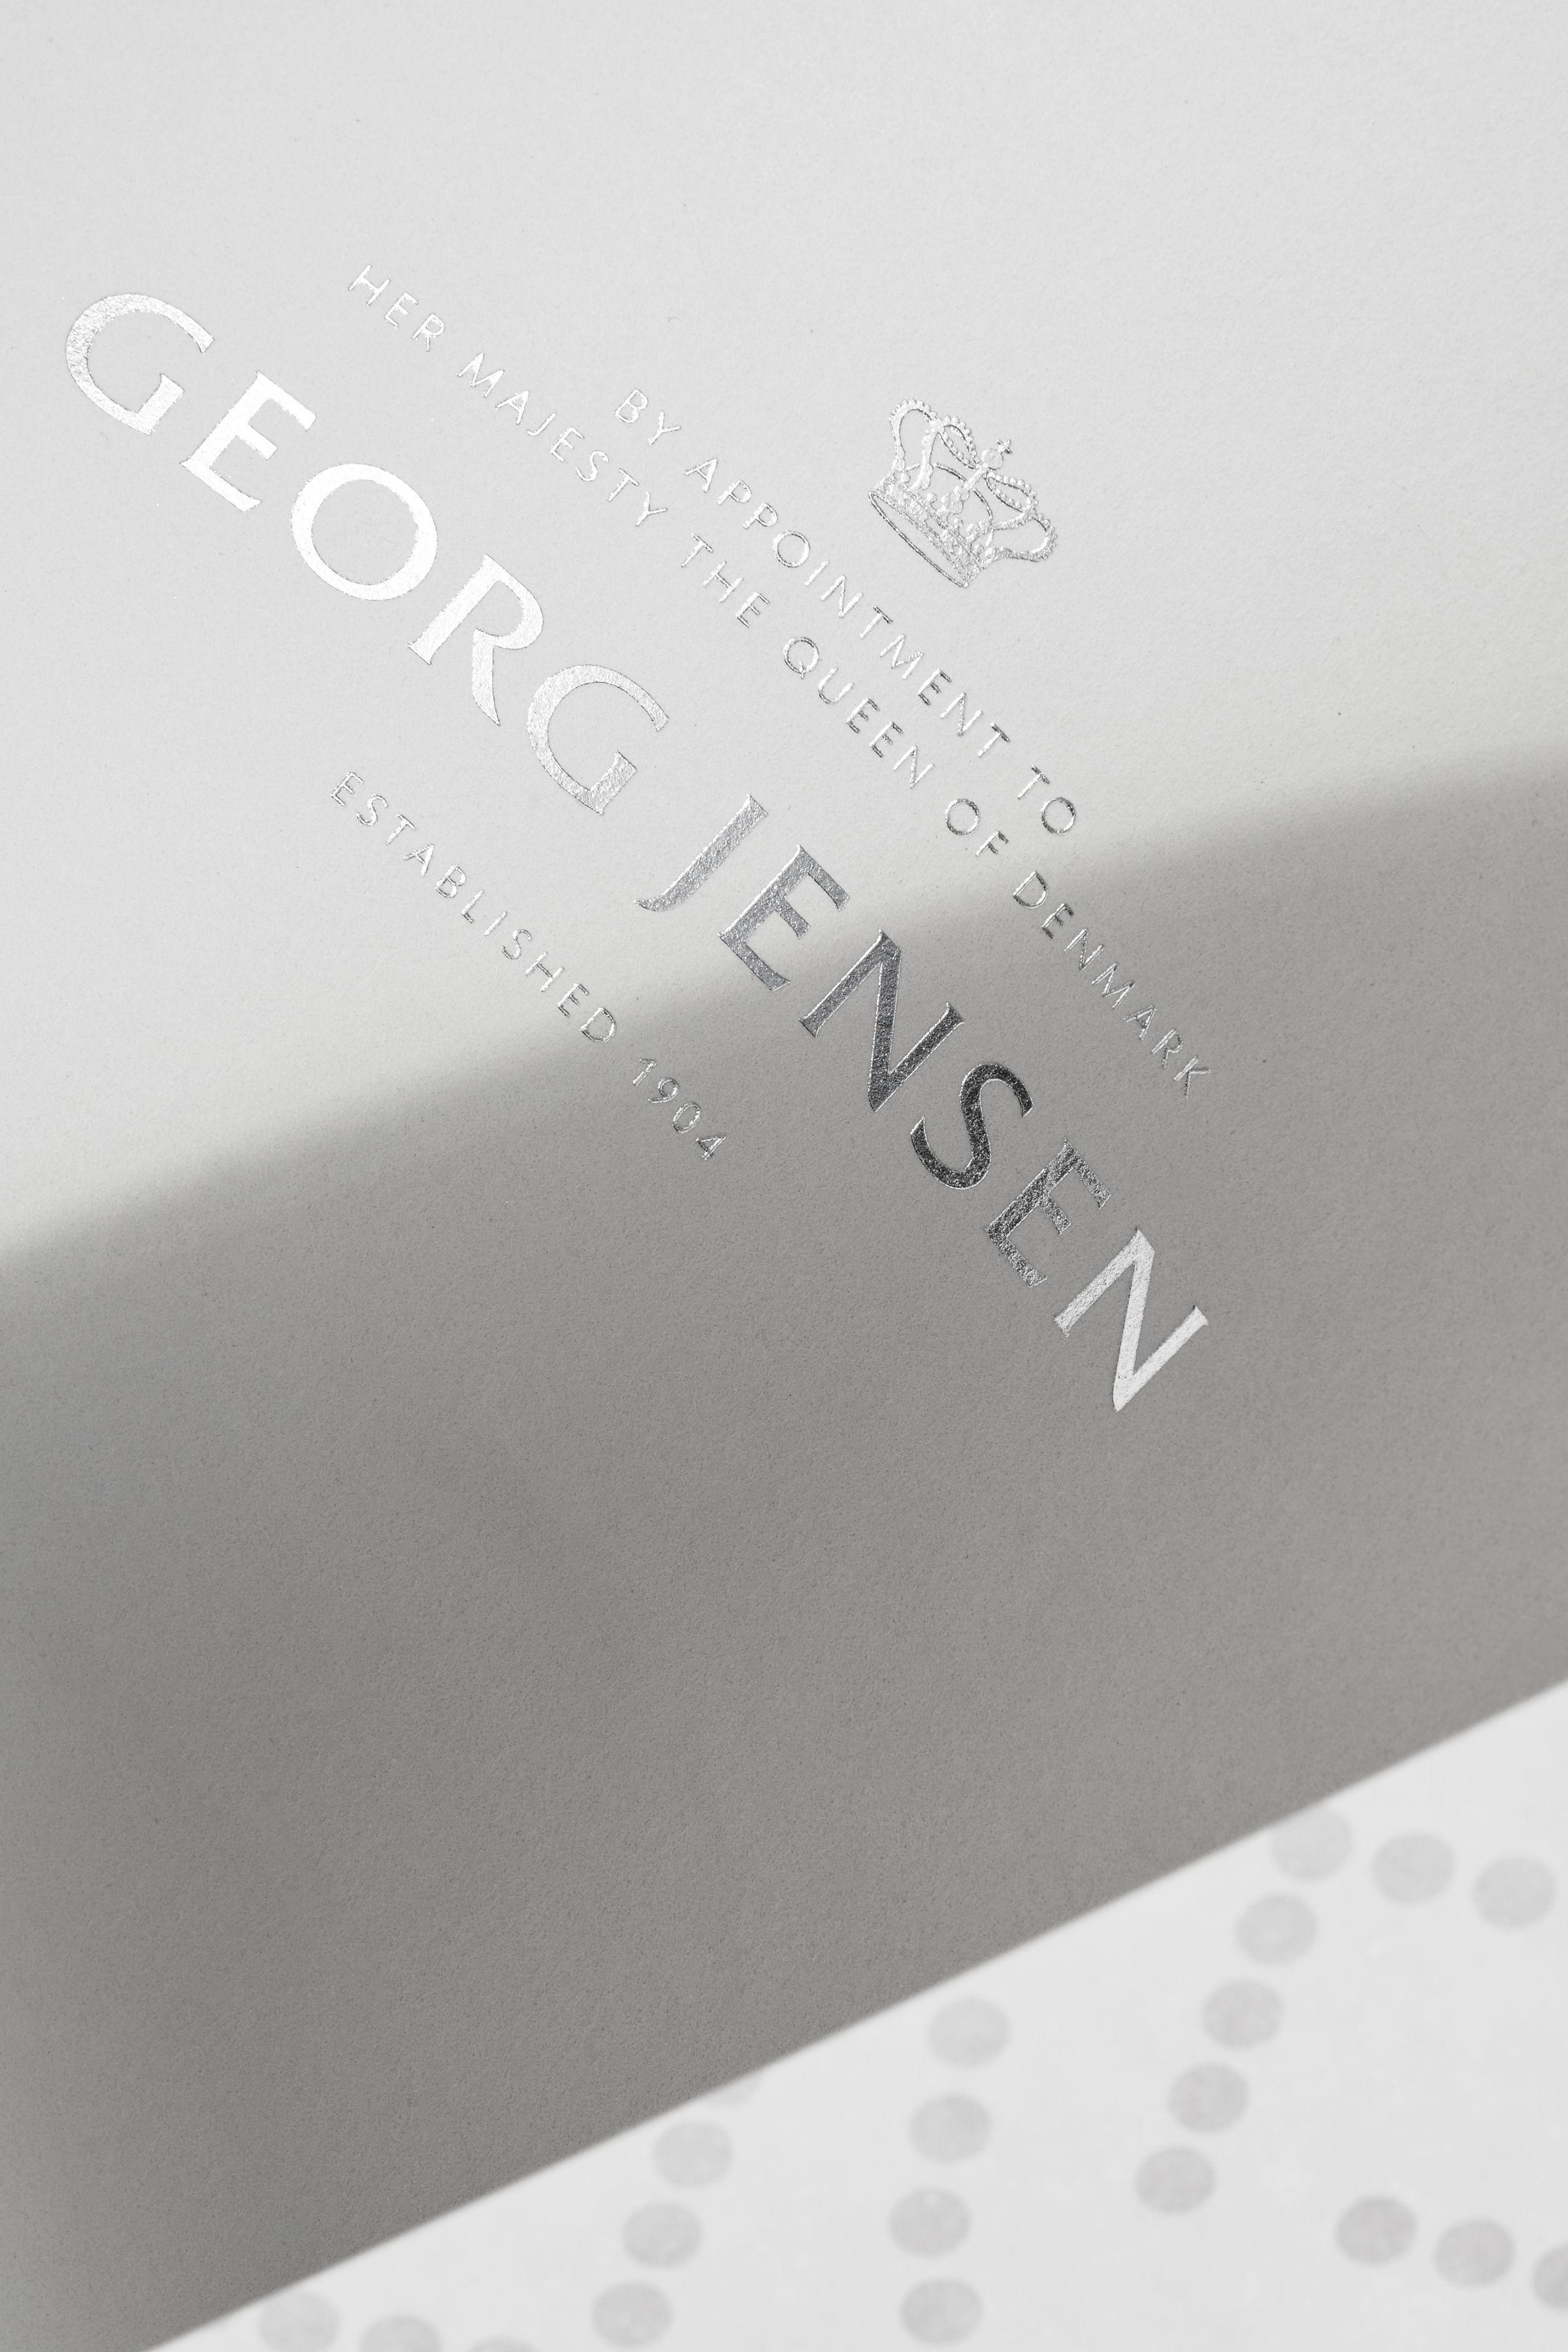 Georg Jensen logo in silver foil detail